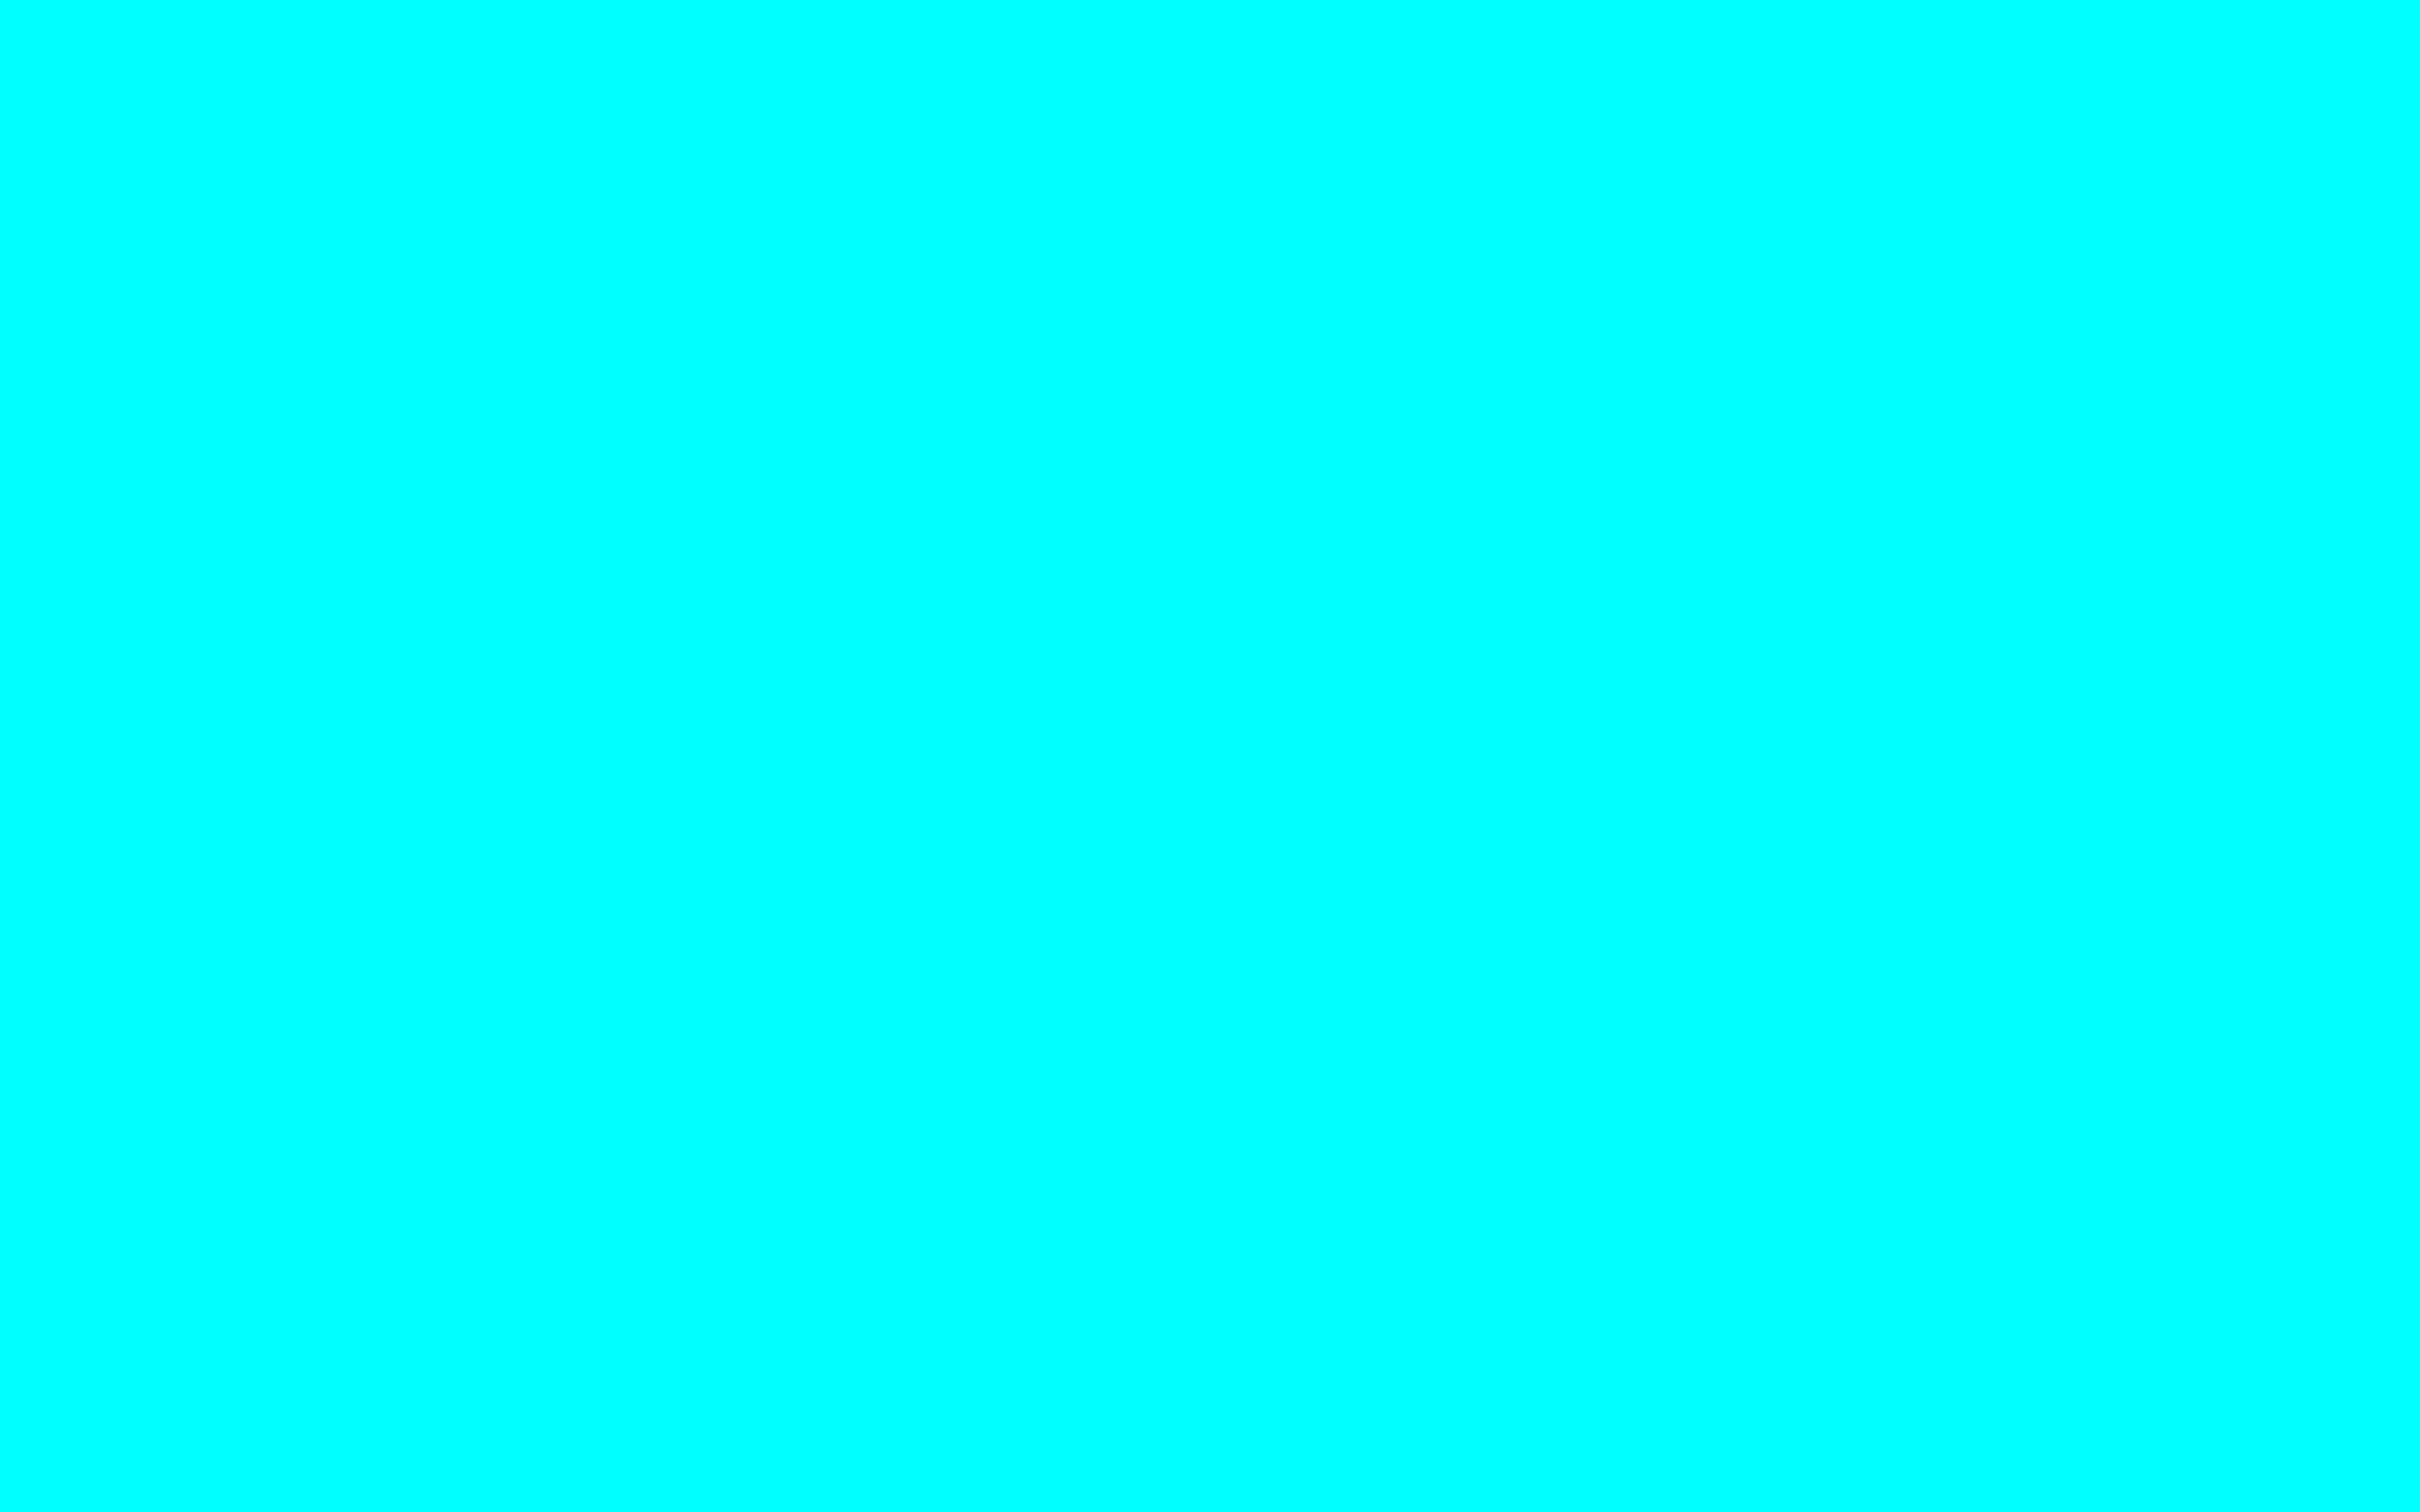 2560x1600 Aqua Solid Color Background